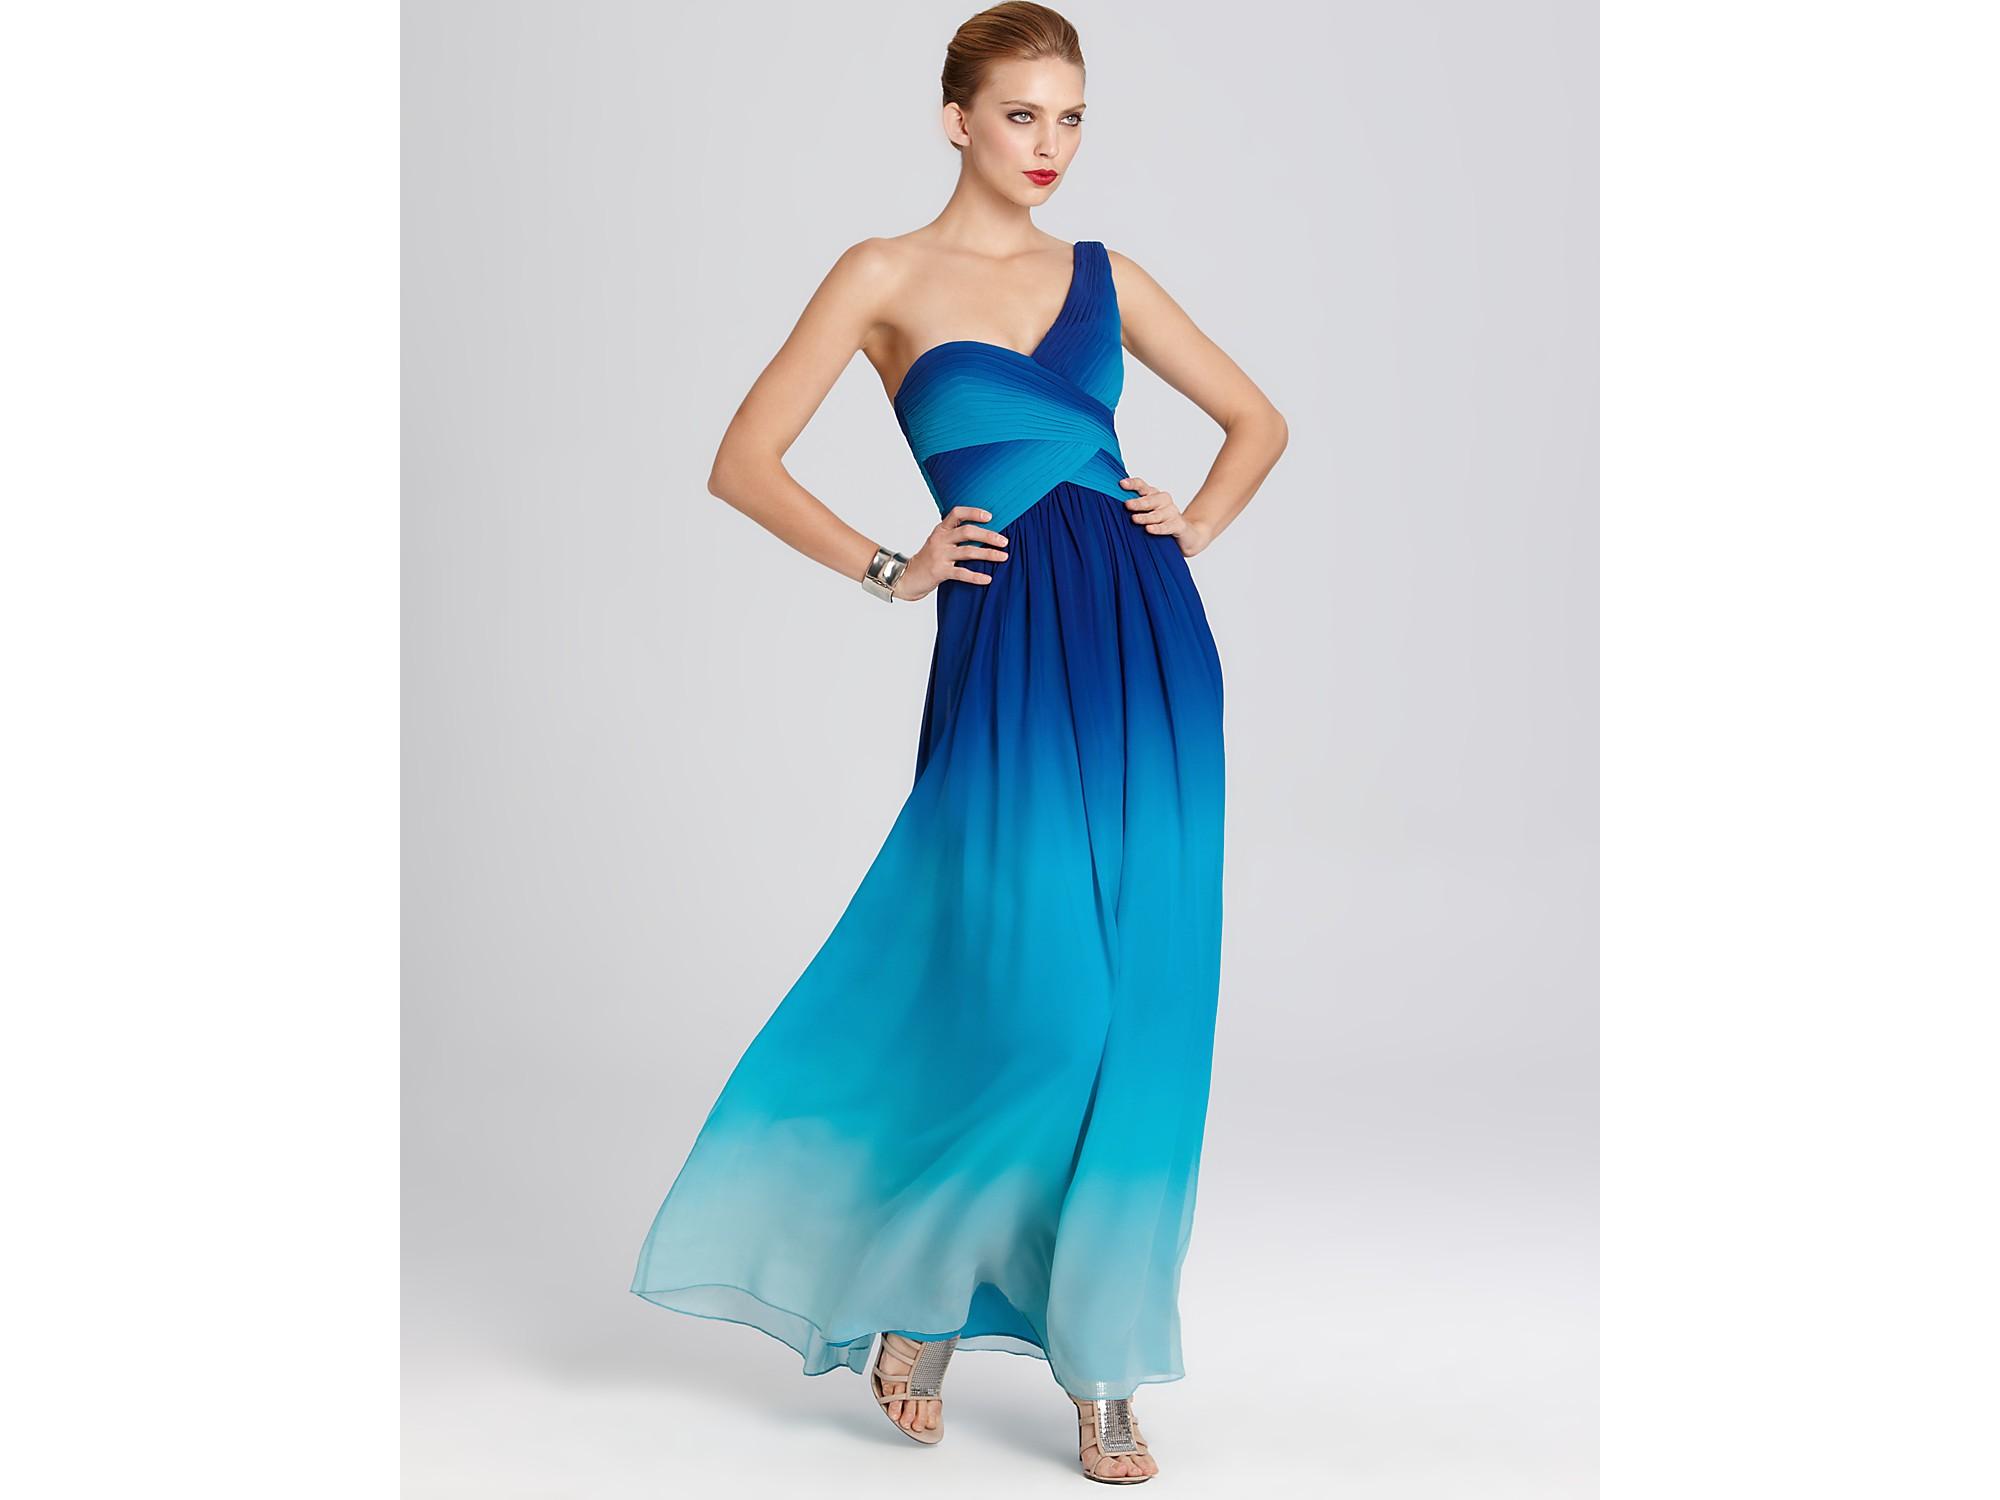 bcbg dresses on sale ombre – Fashion dresses